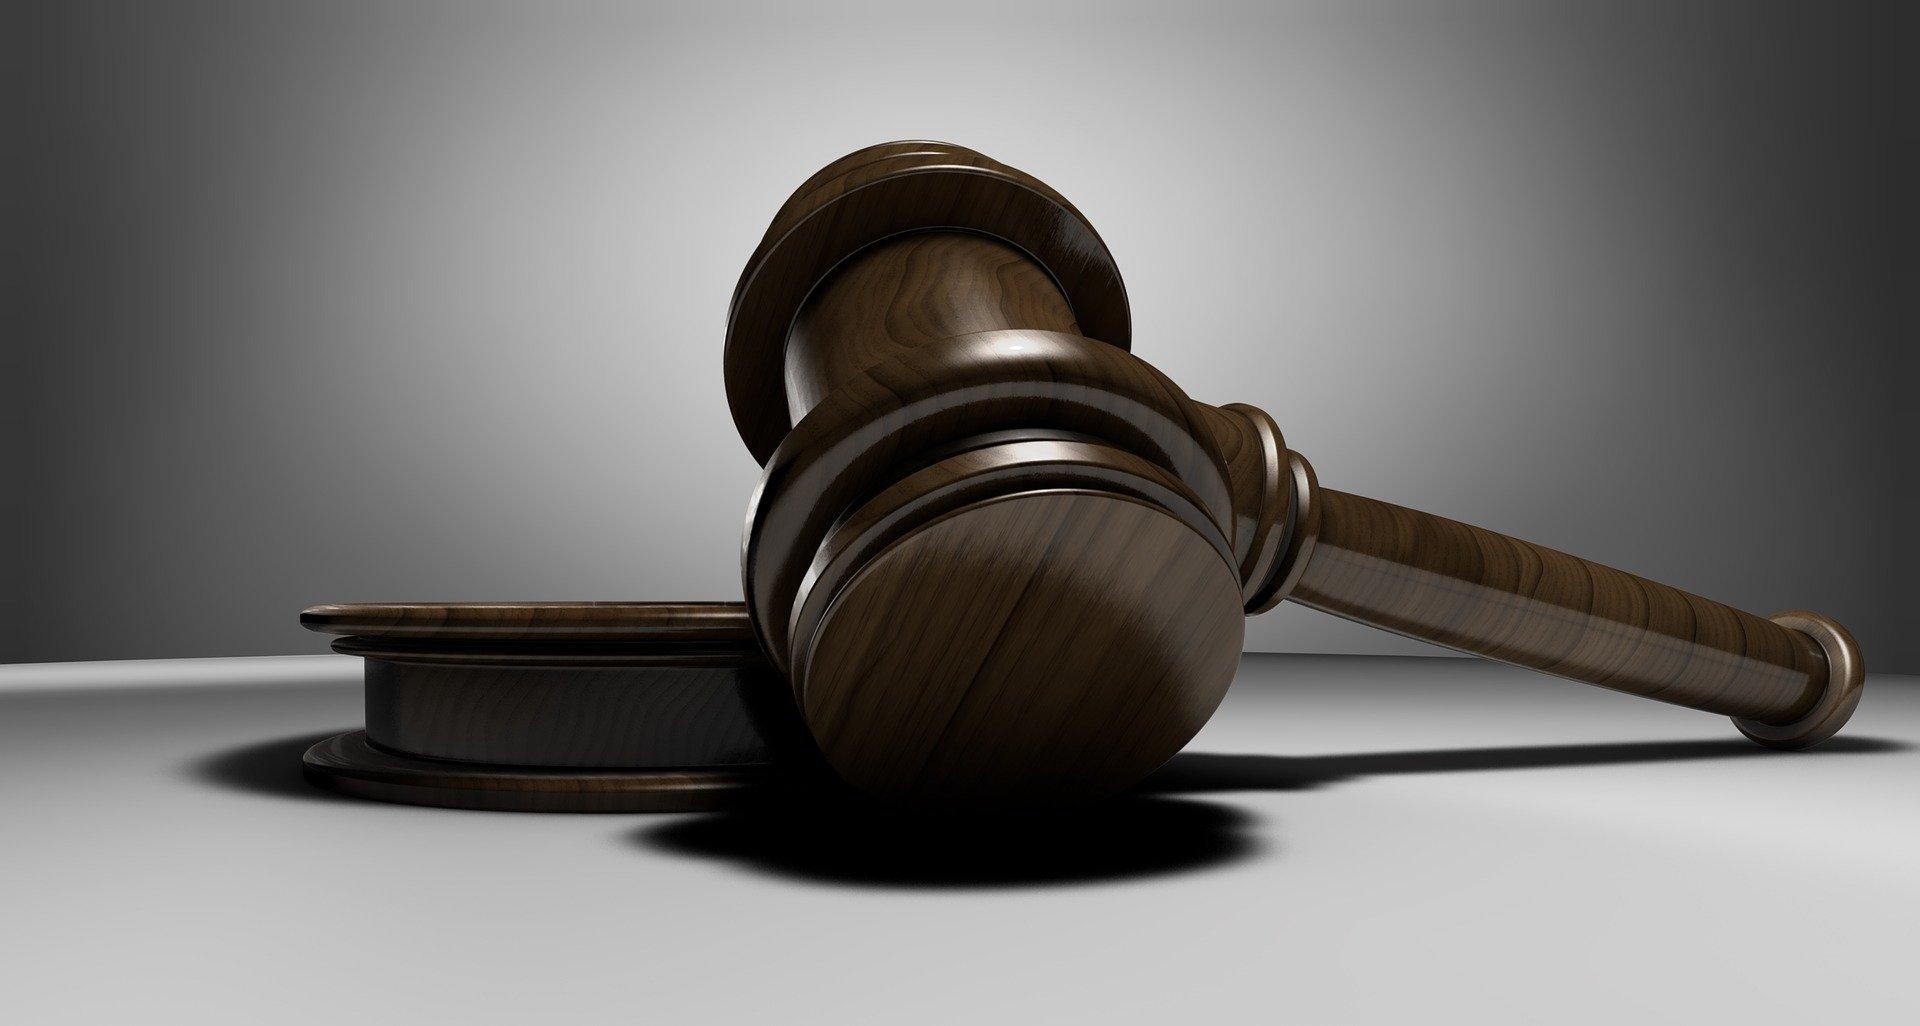 Abogado especializado en derecho penal